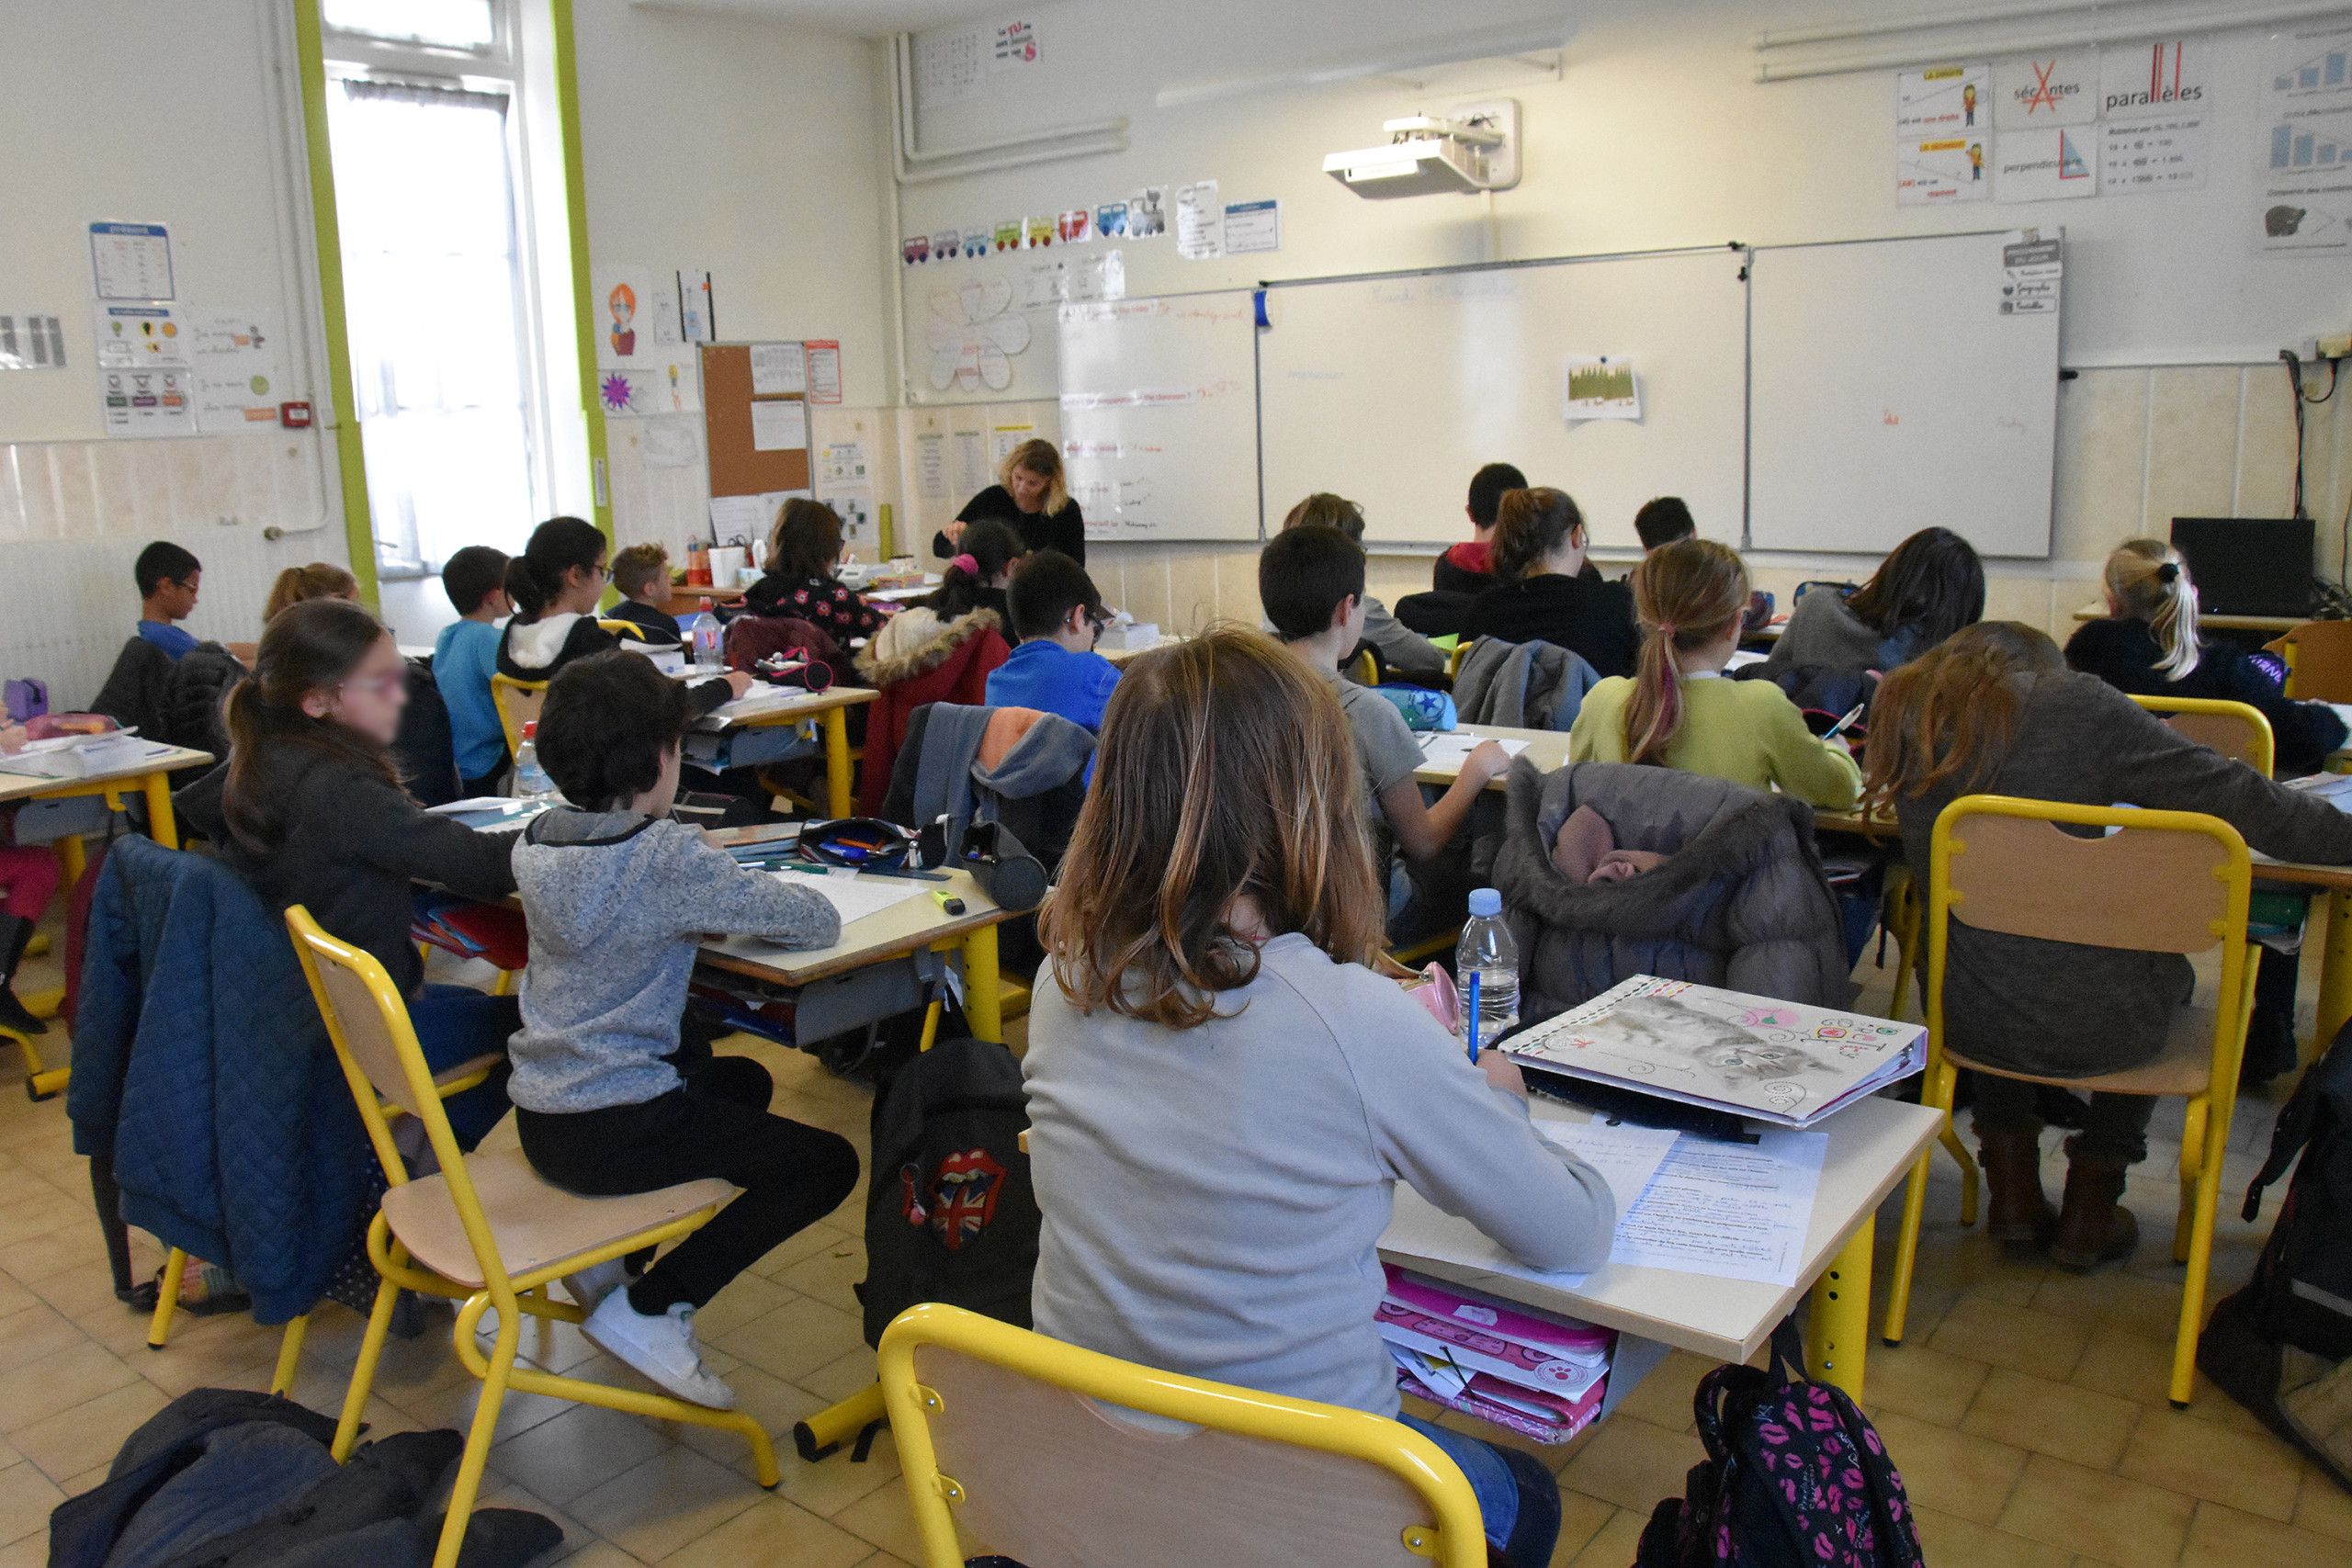 Rentrée scolaire en Charente Maritime : les dates à retenir du